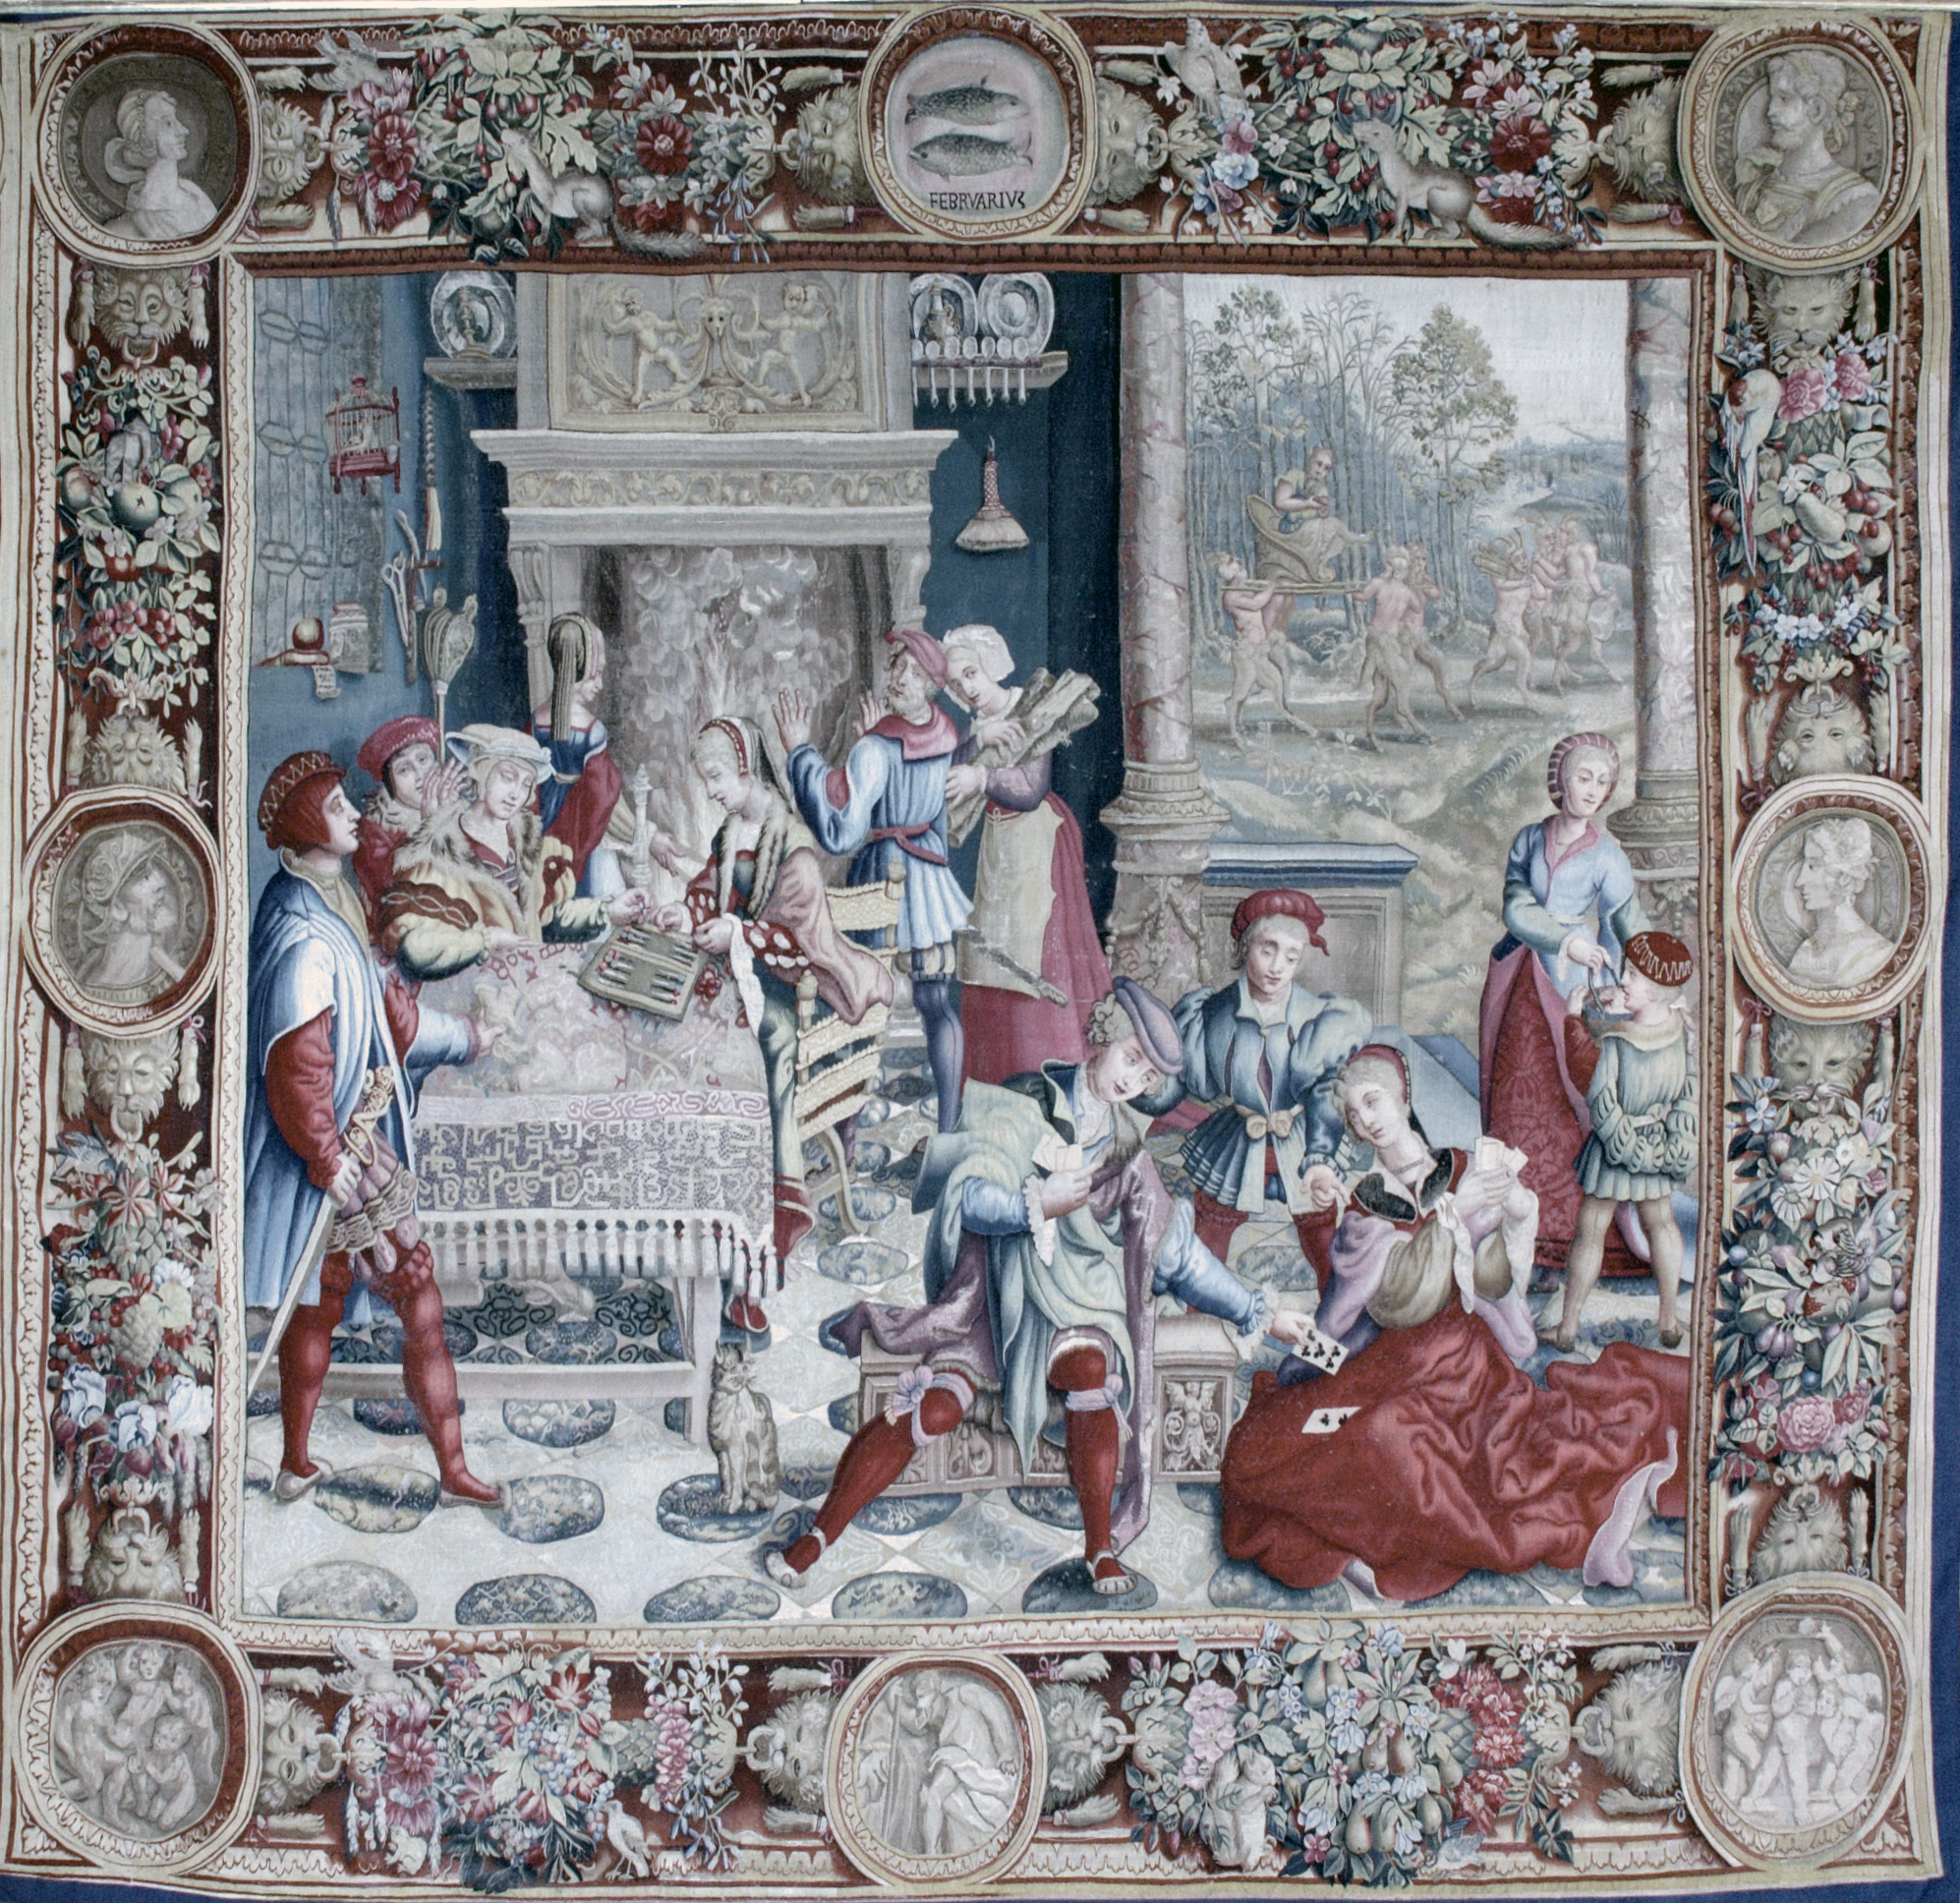 Tenture des Mois Lucas - Février - Le jeu de cartes